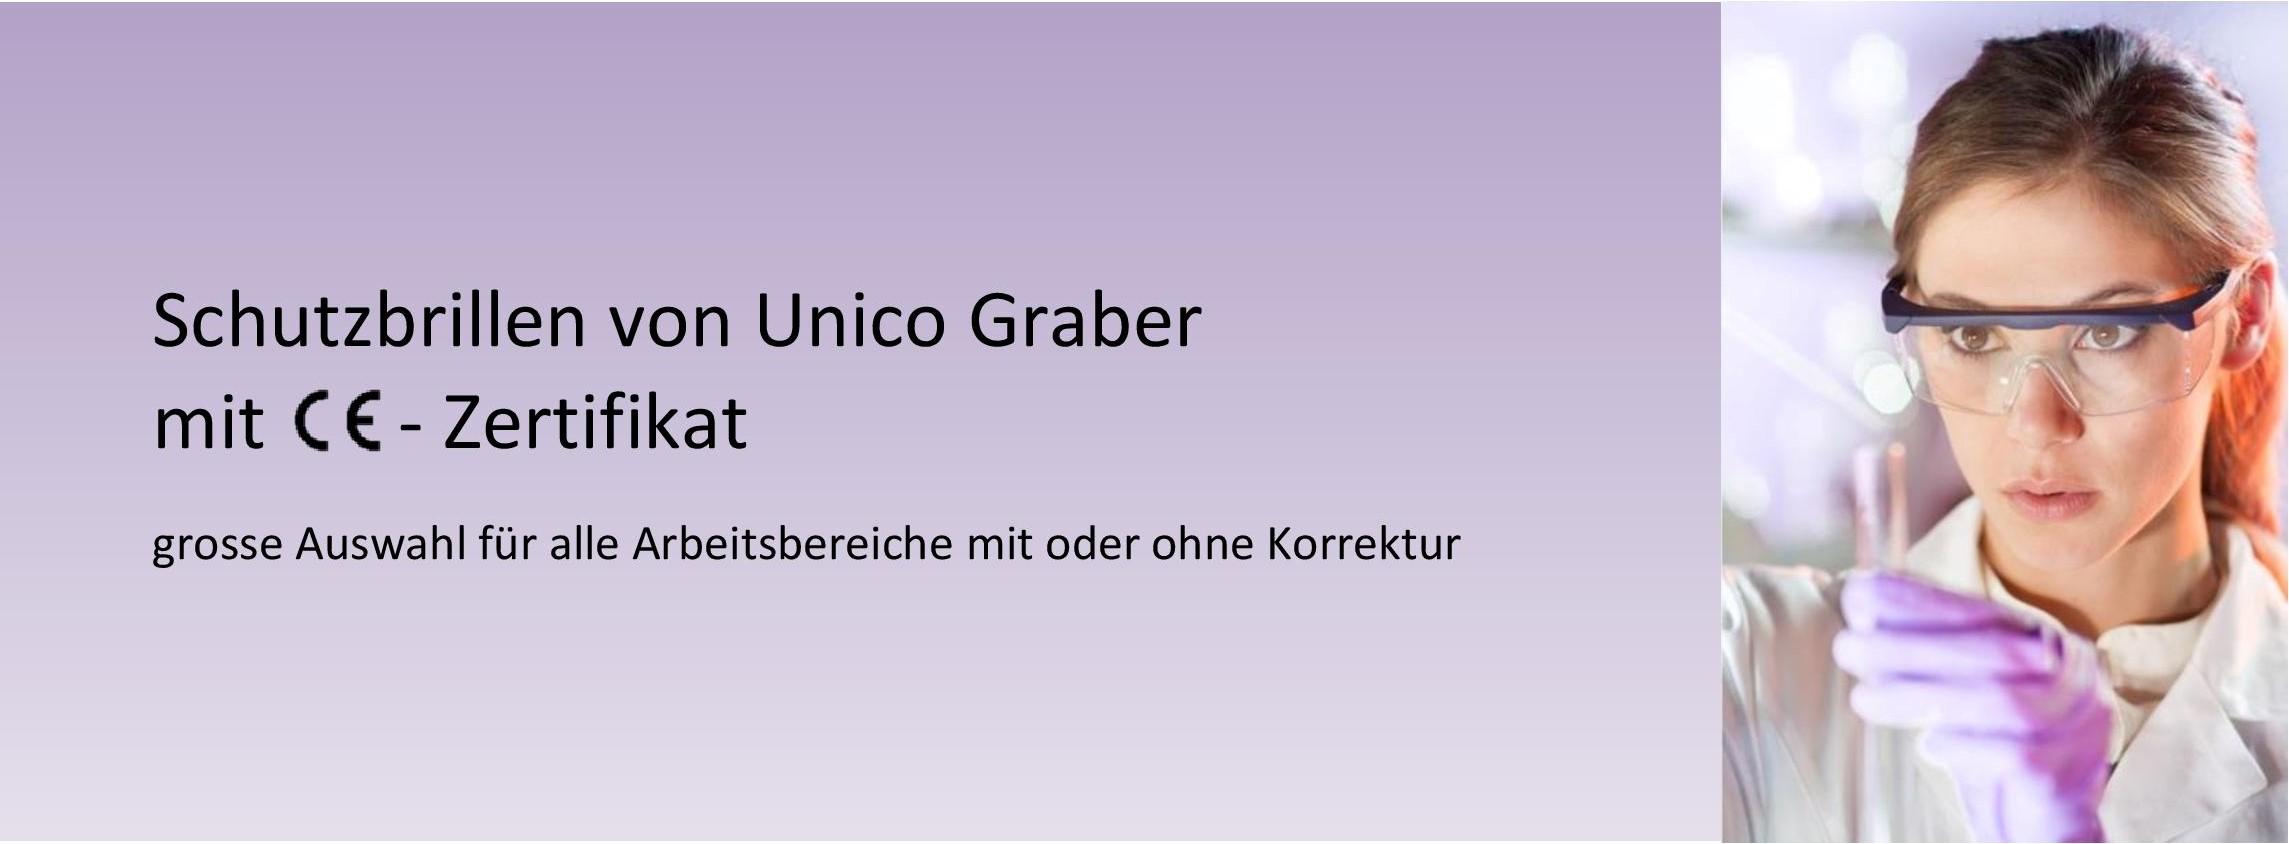 schutzbrille-page-001